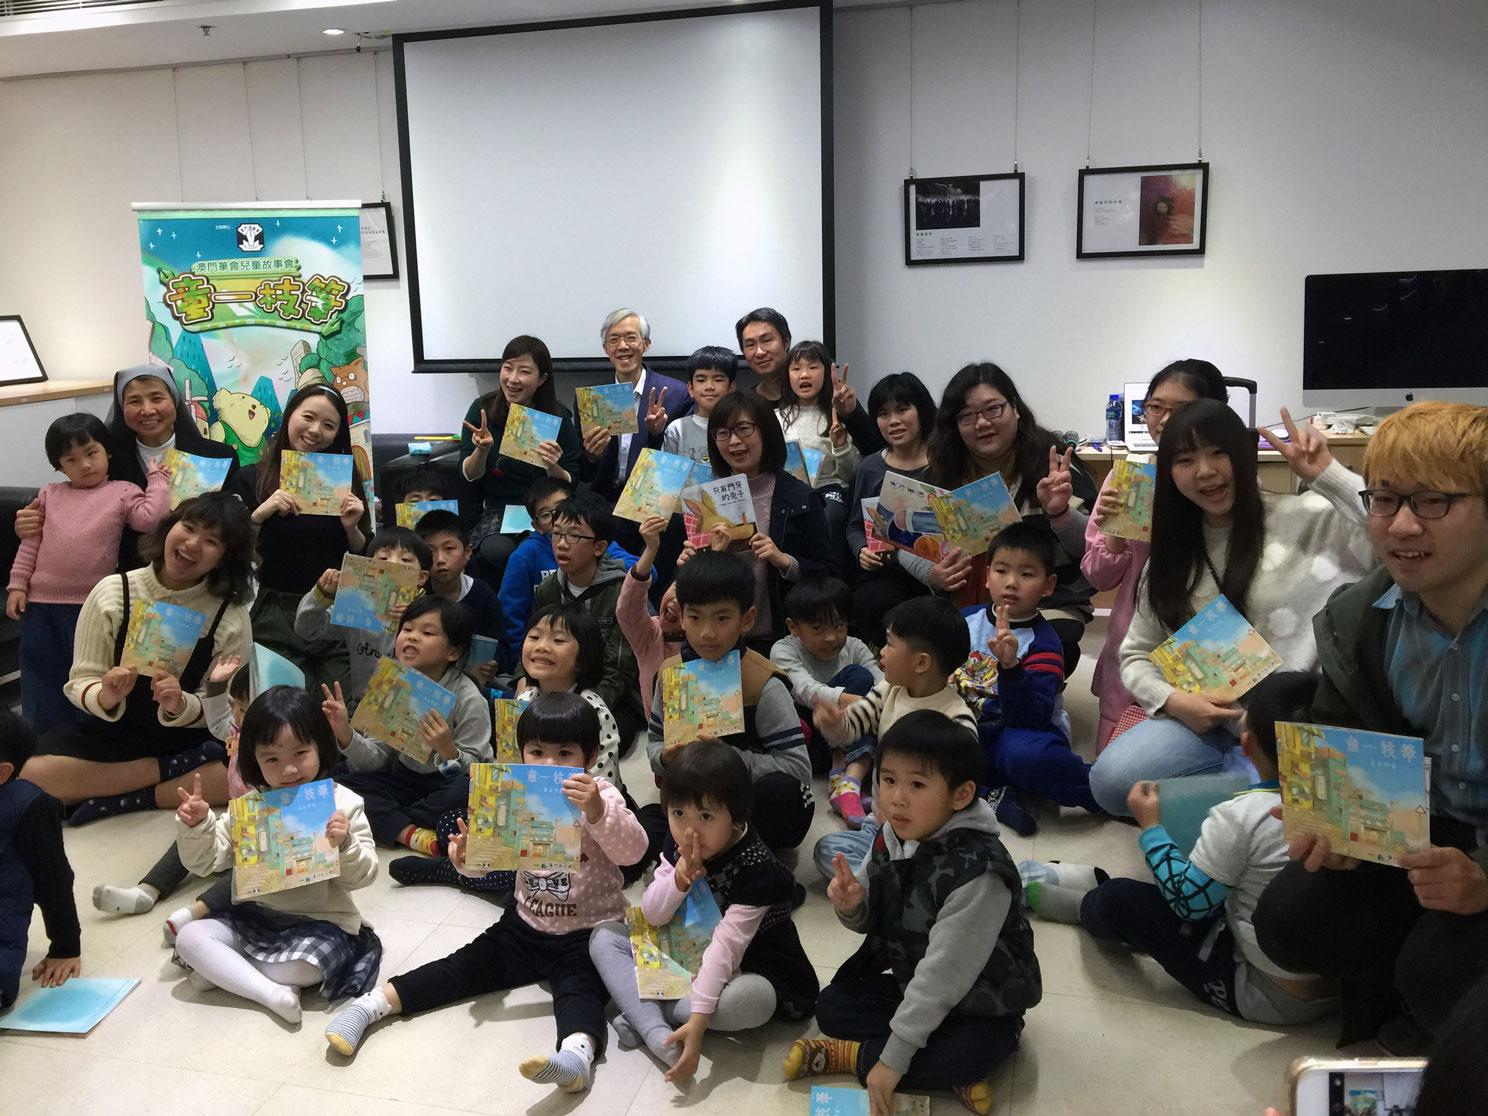 澳门笔会出版中英双语儿童绘本